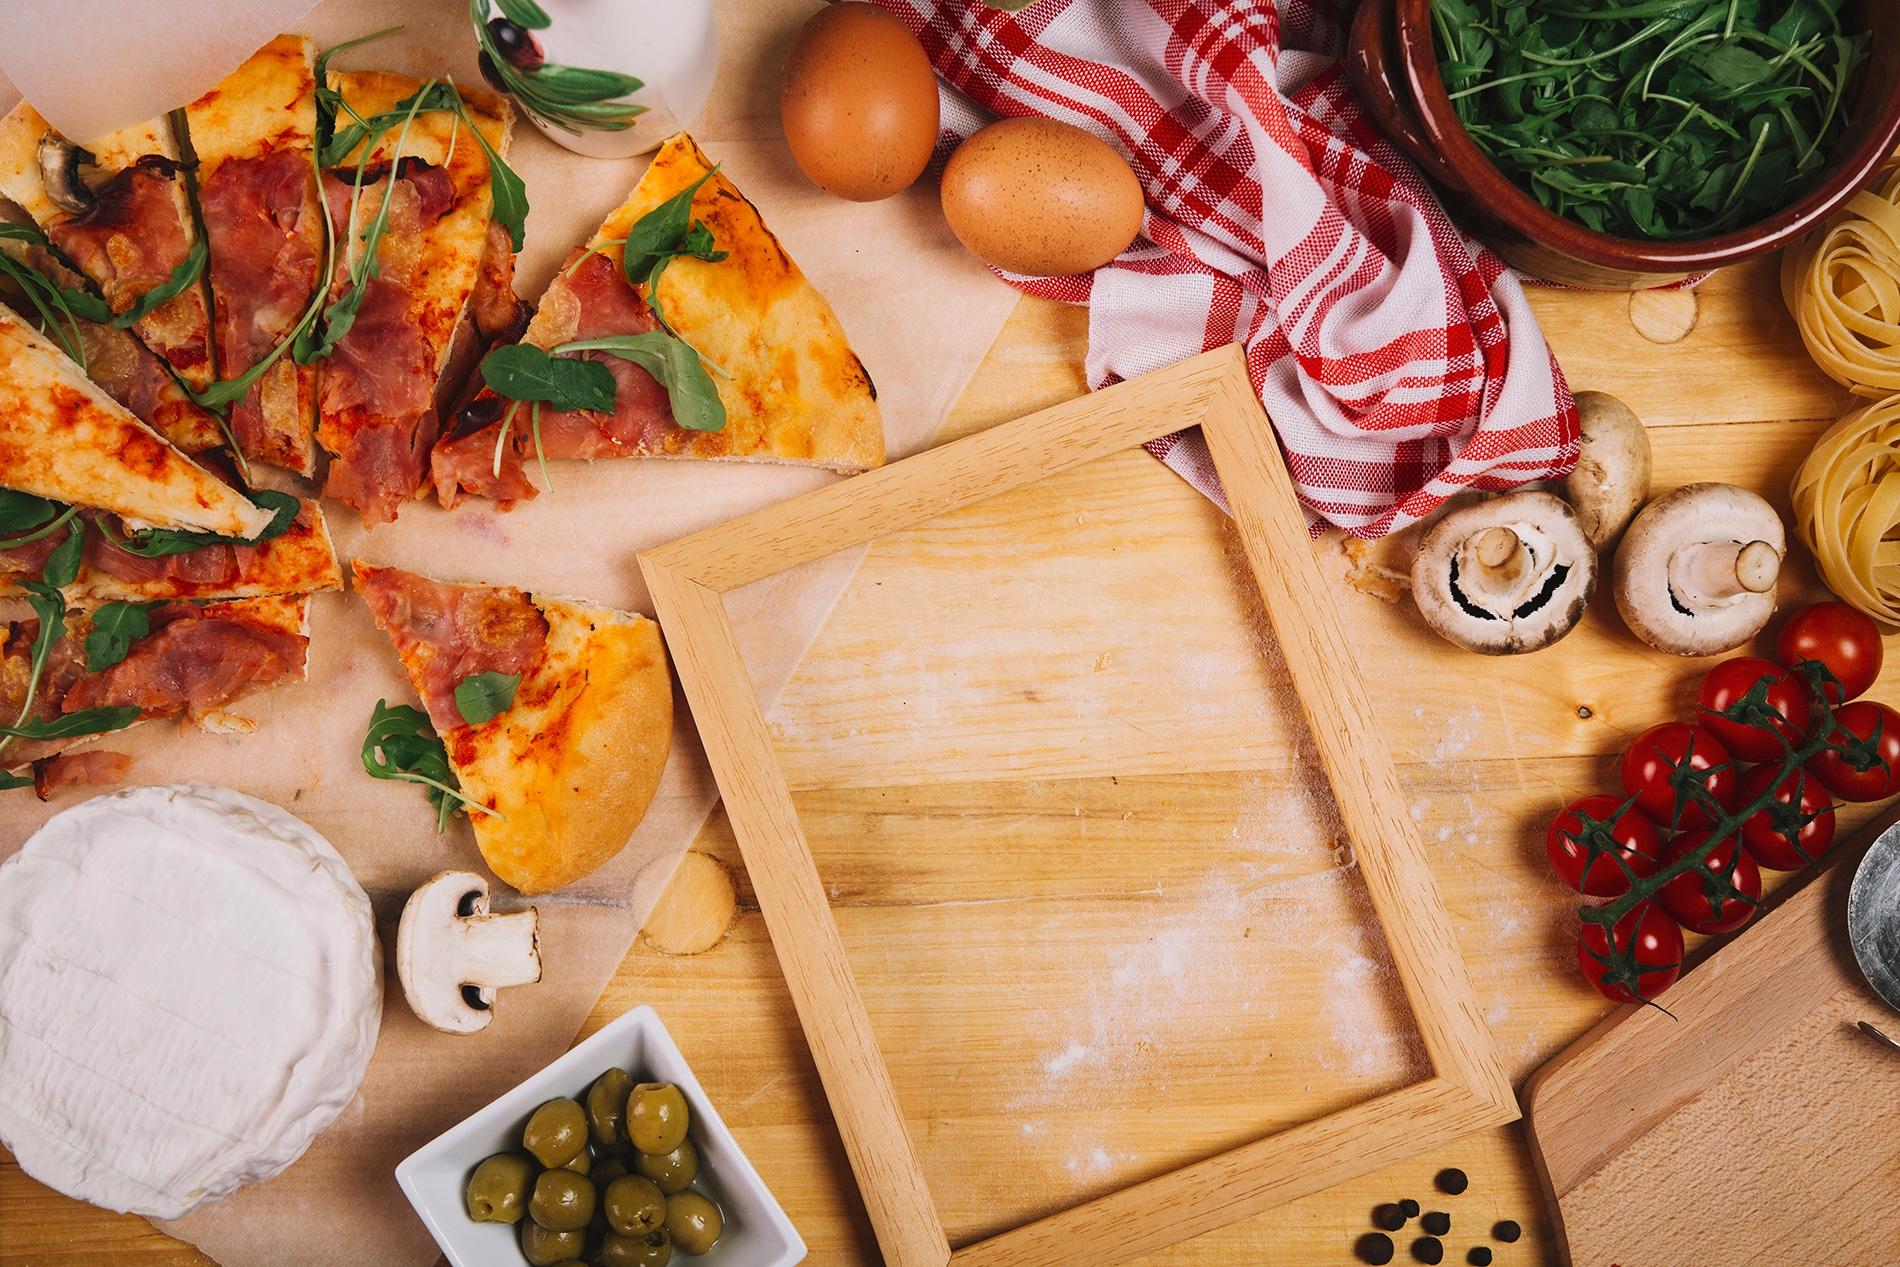 La pirámide nutricional incluye suplementos y alcohol